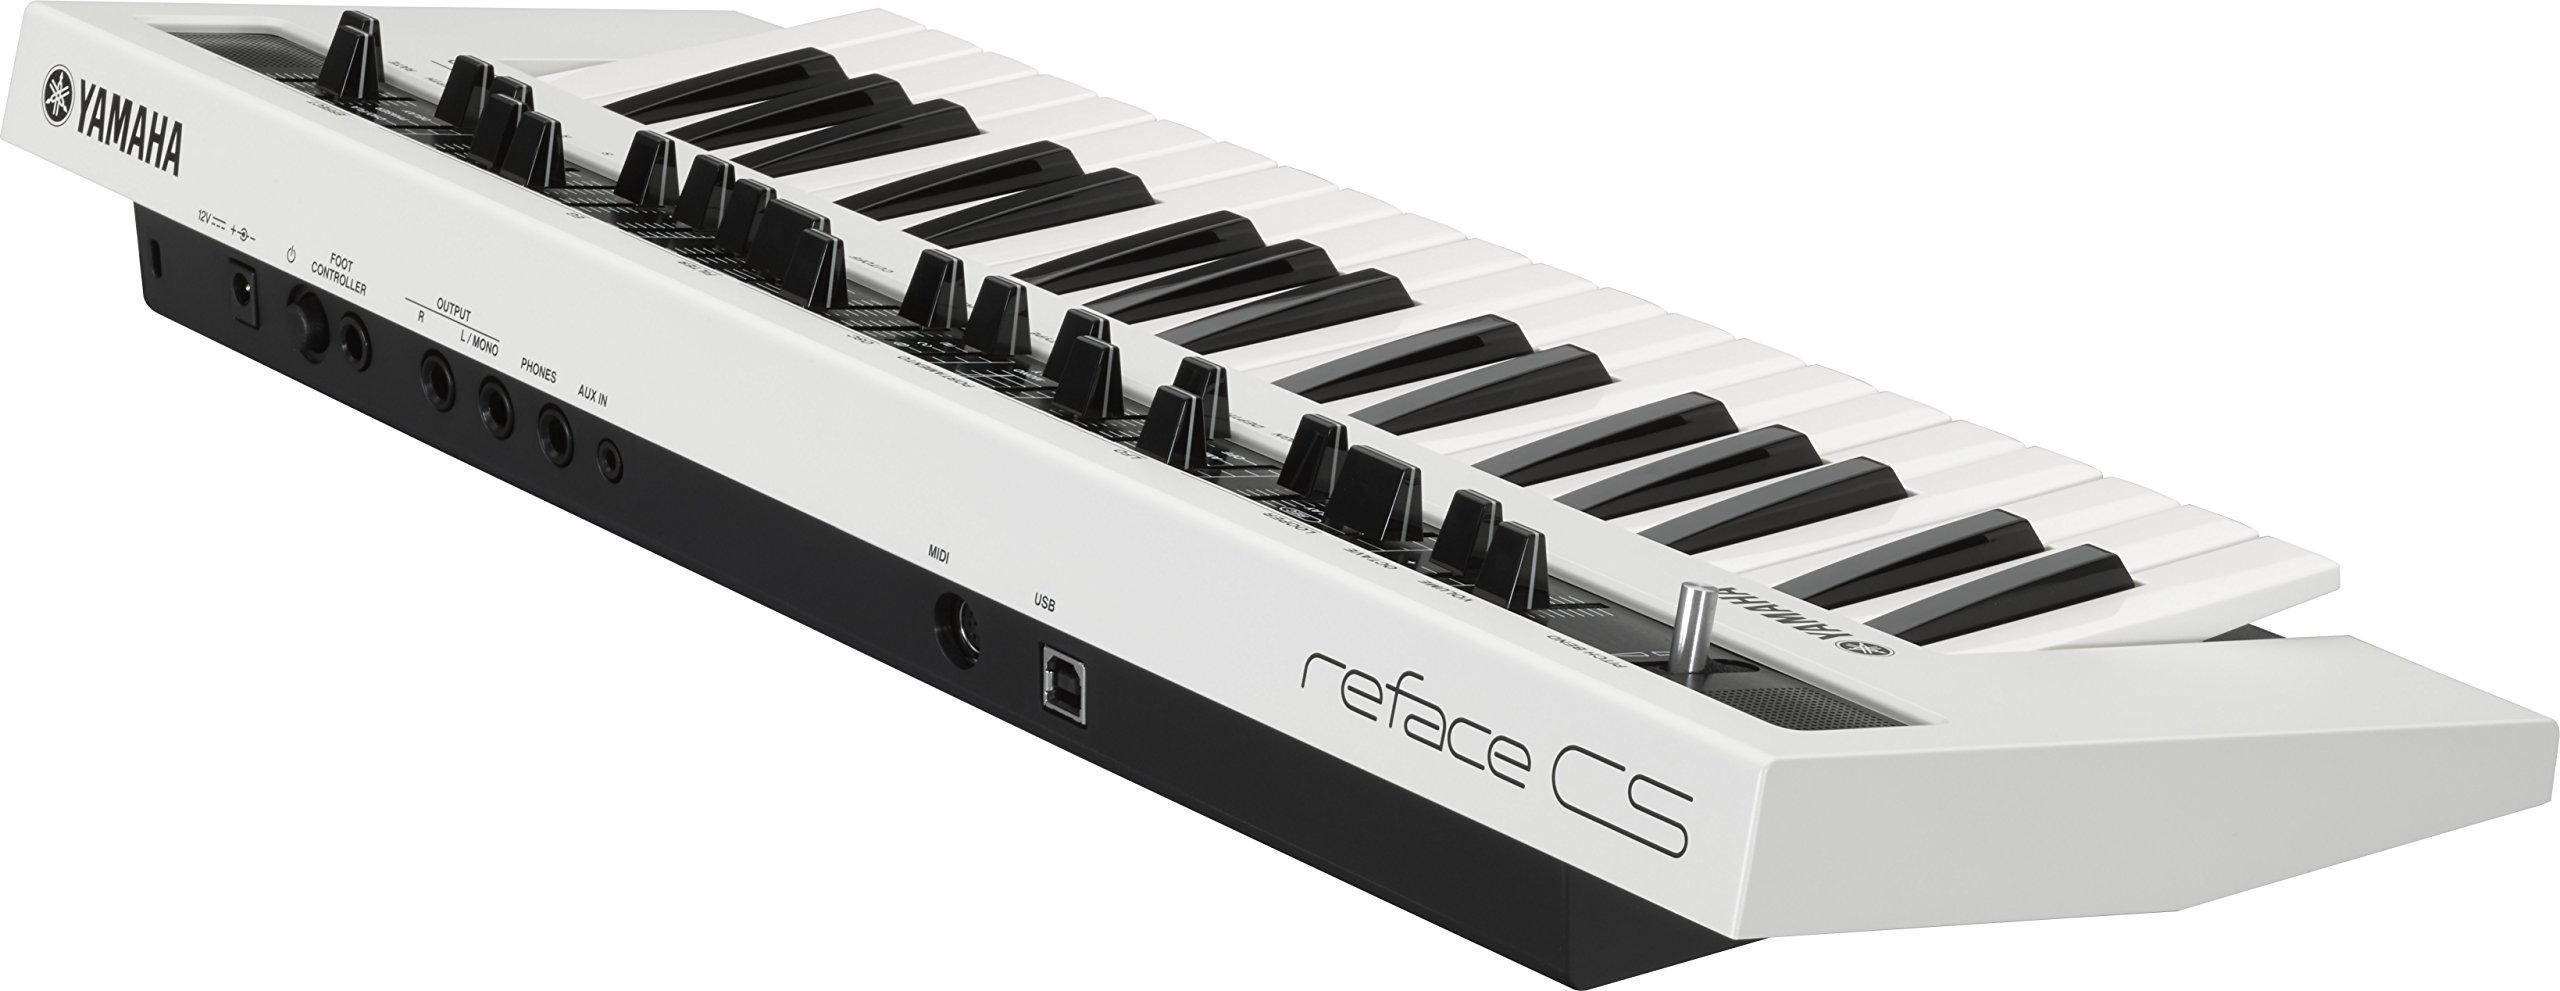 Yamaha REFACE CS Portable Analog Modeling Synthesizer by Yamaha (Image #3)